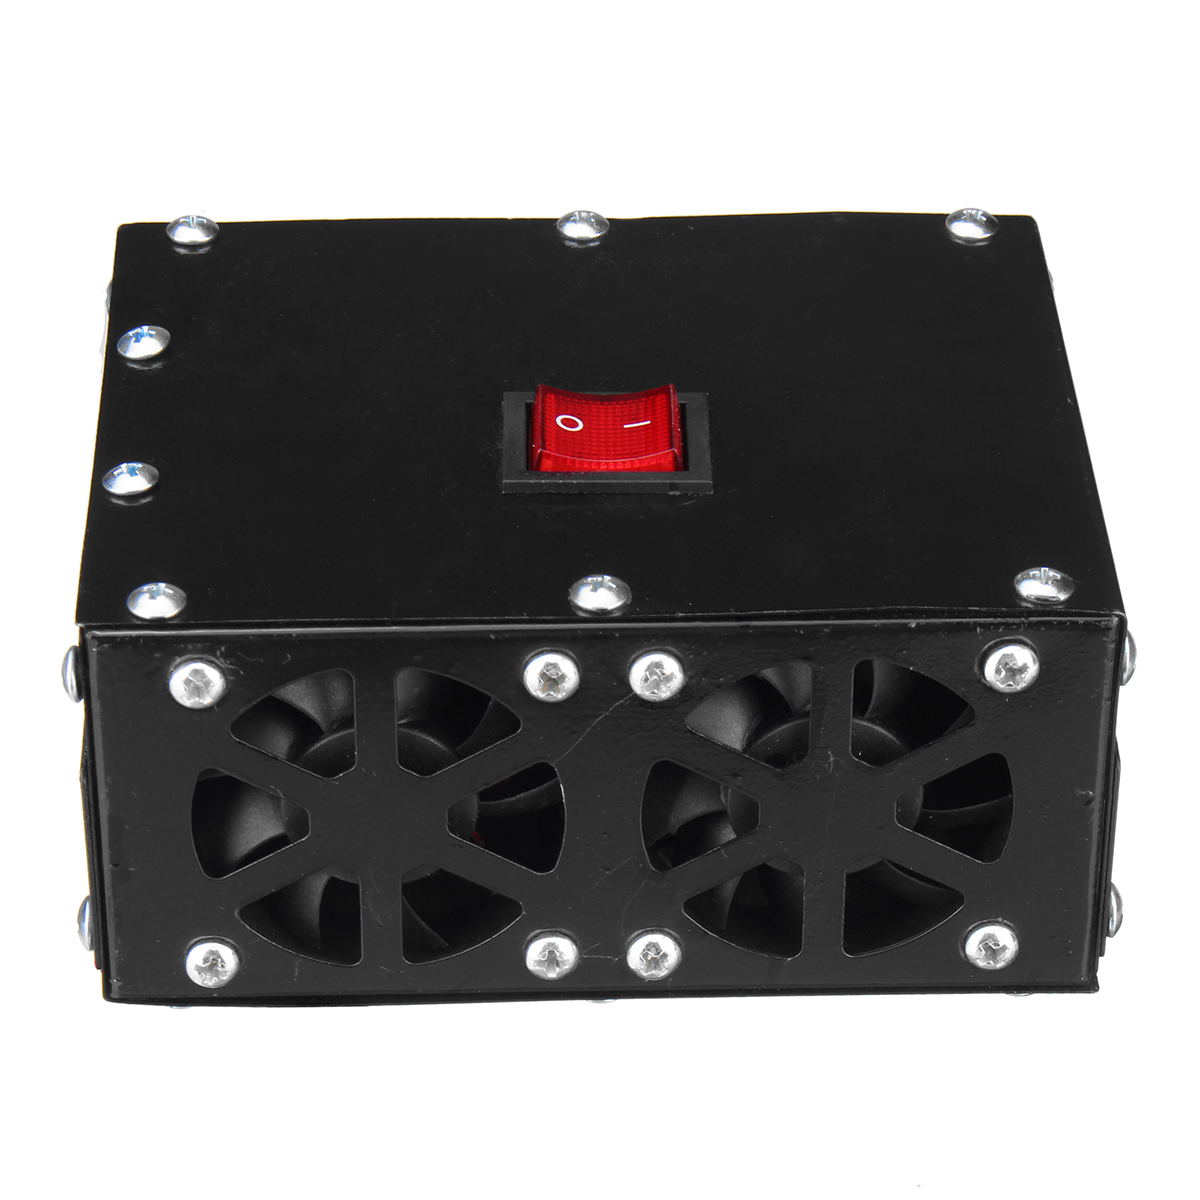 12V 24V 300W Car Truck Heater Warmer Dual Hole Heating Fan Window Defroster Demister